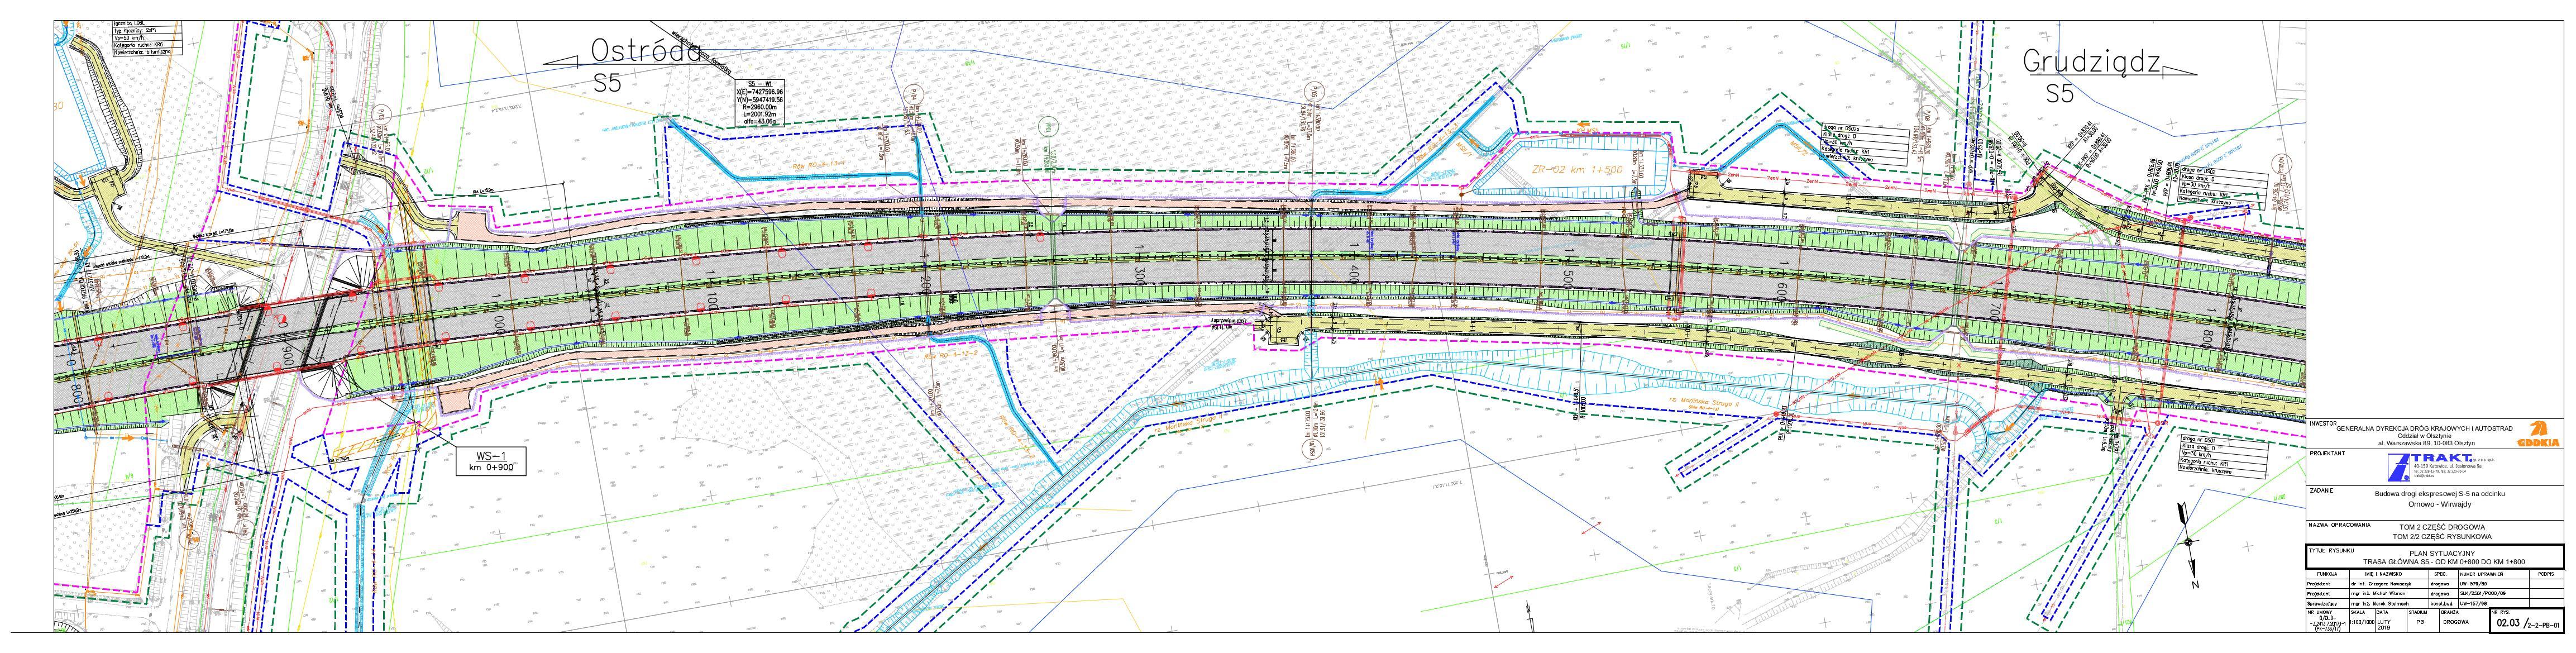 02.03 Plan sytuacyjny. Trasa główna S5 – od km 0+800 do km 1+800_20190219